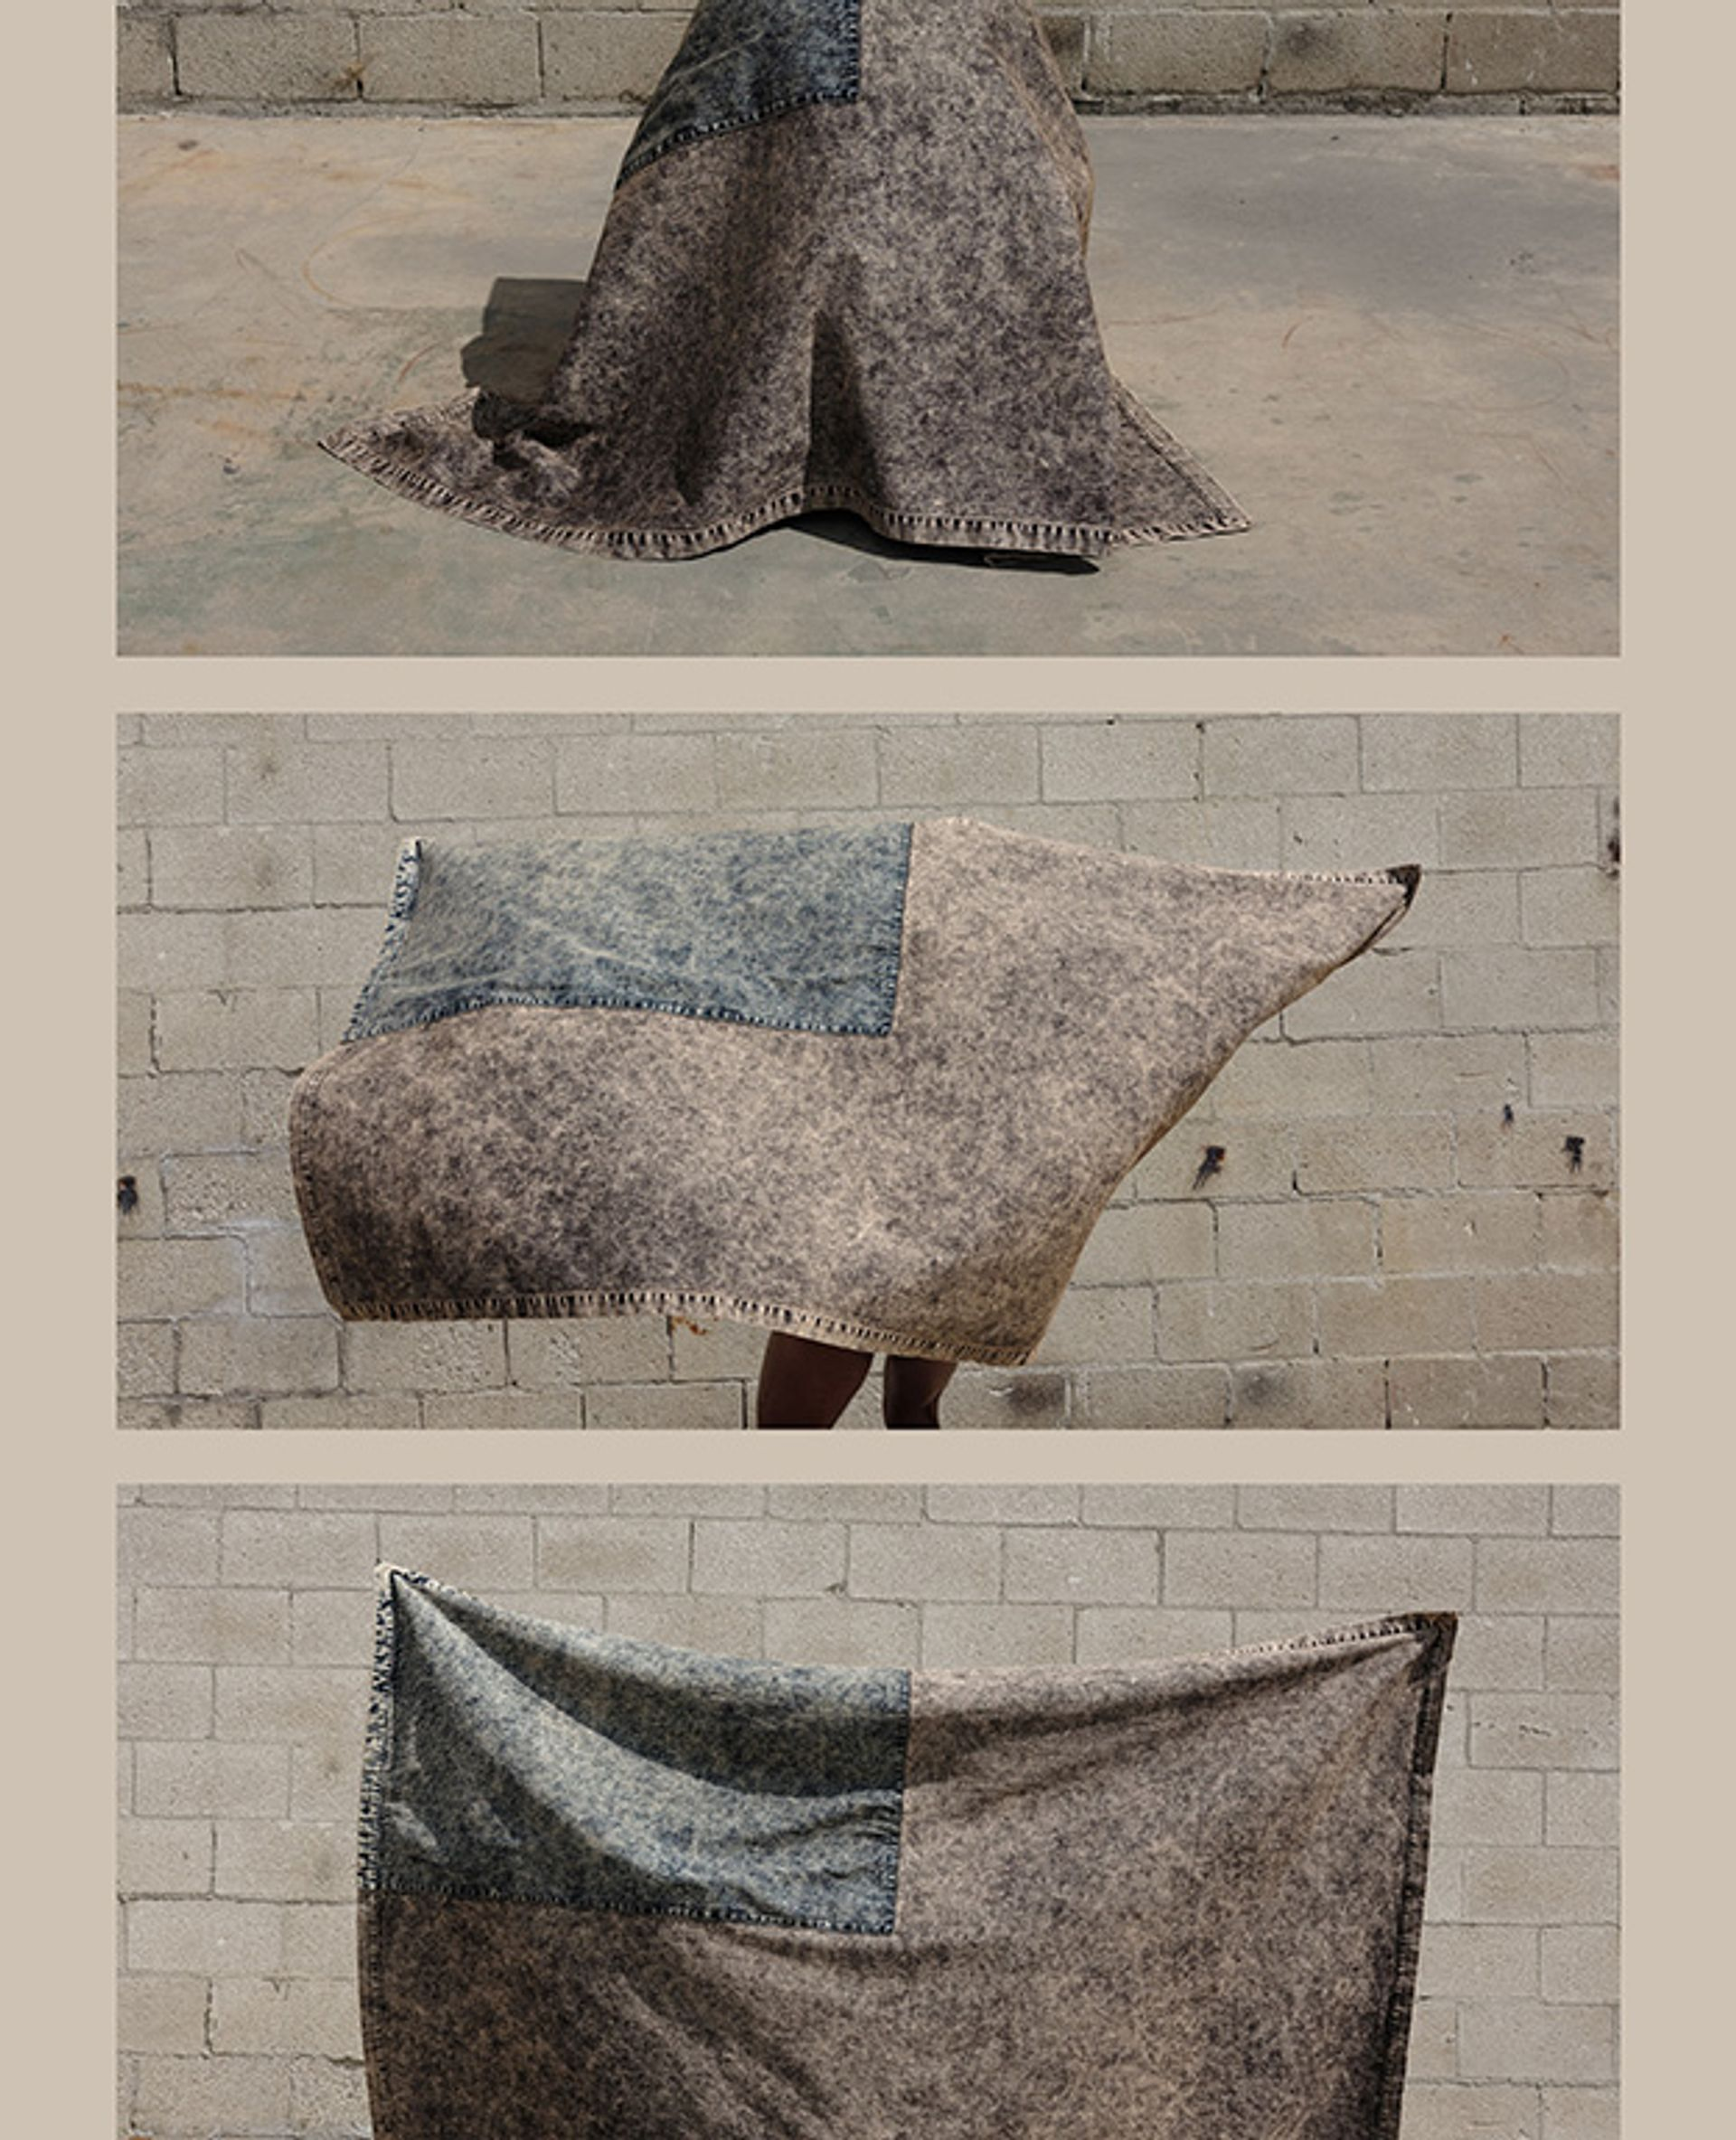 Veil Flag (2020) by Sterling Ruby Studio Photo: Melanie Schiff; Courtesy of Sterling Ruby Studio